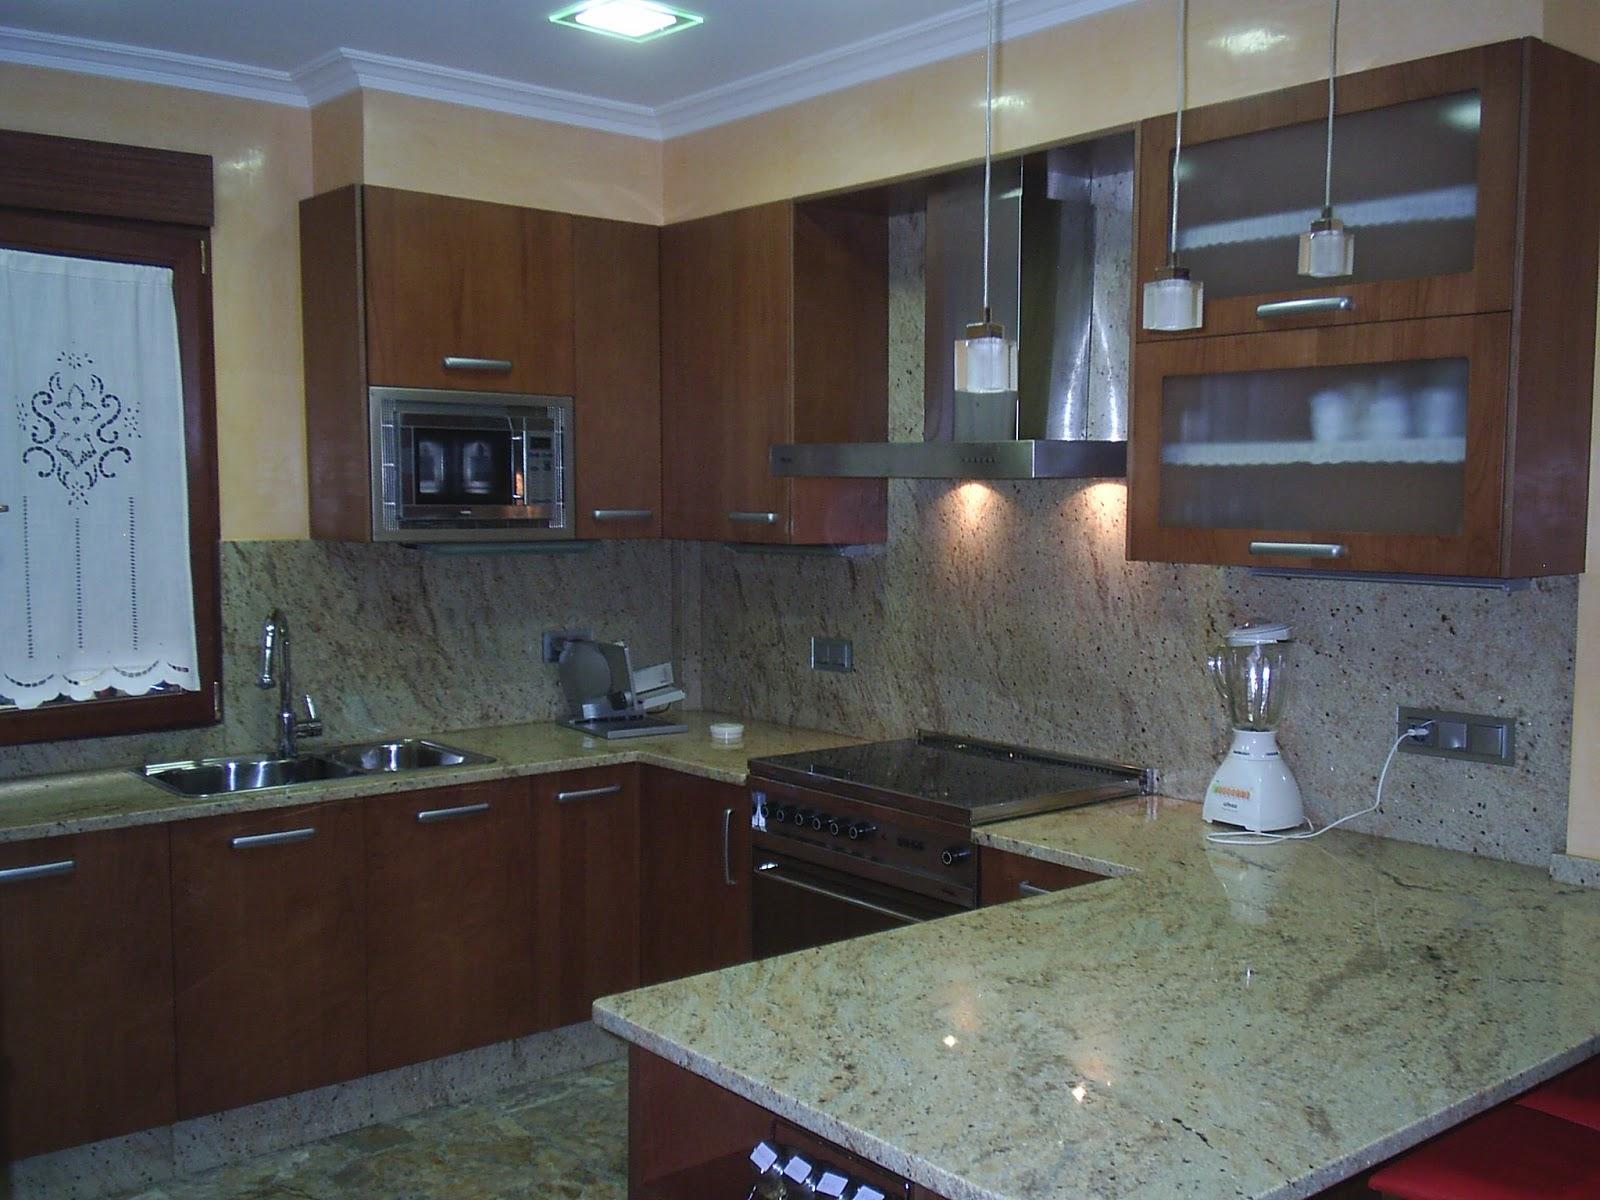 Sansu cocinas y carpinteria cocina en color cerezo - Encimeras de corian precios ...